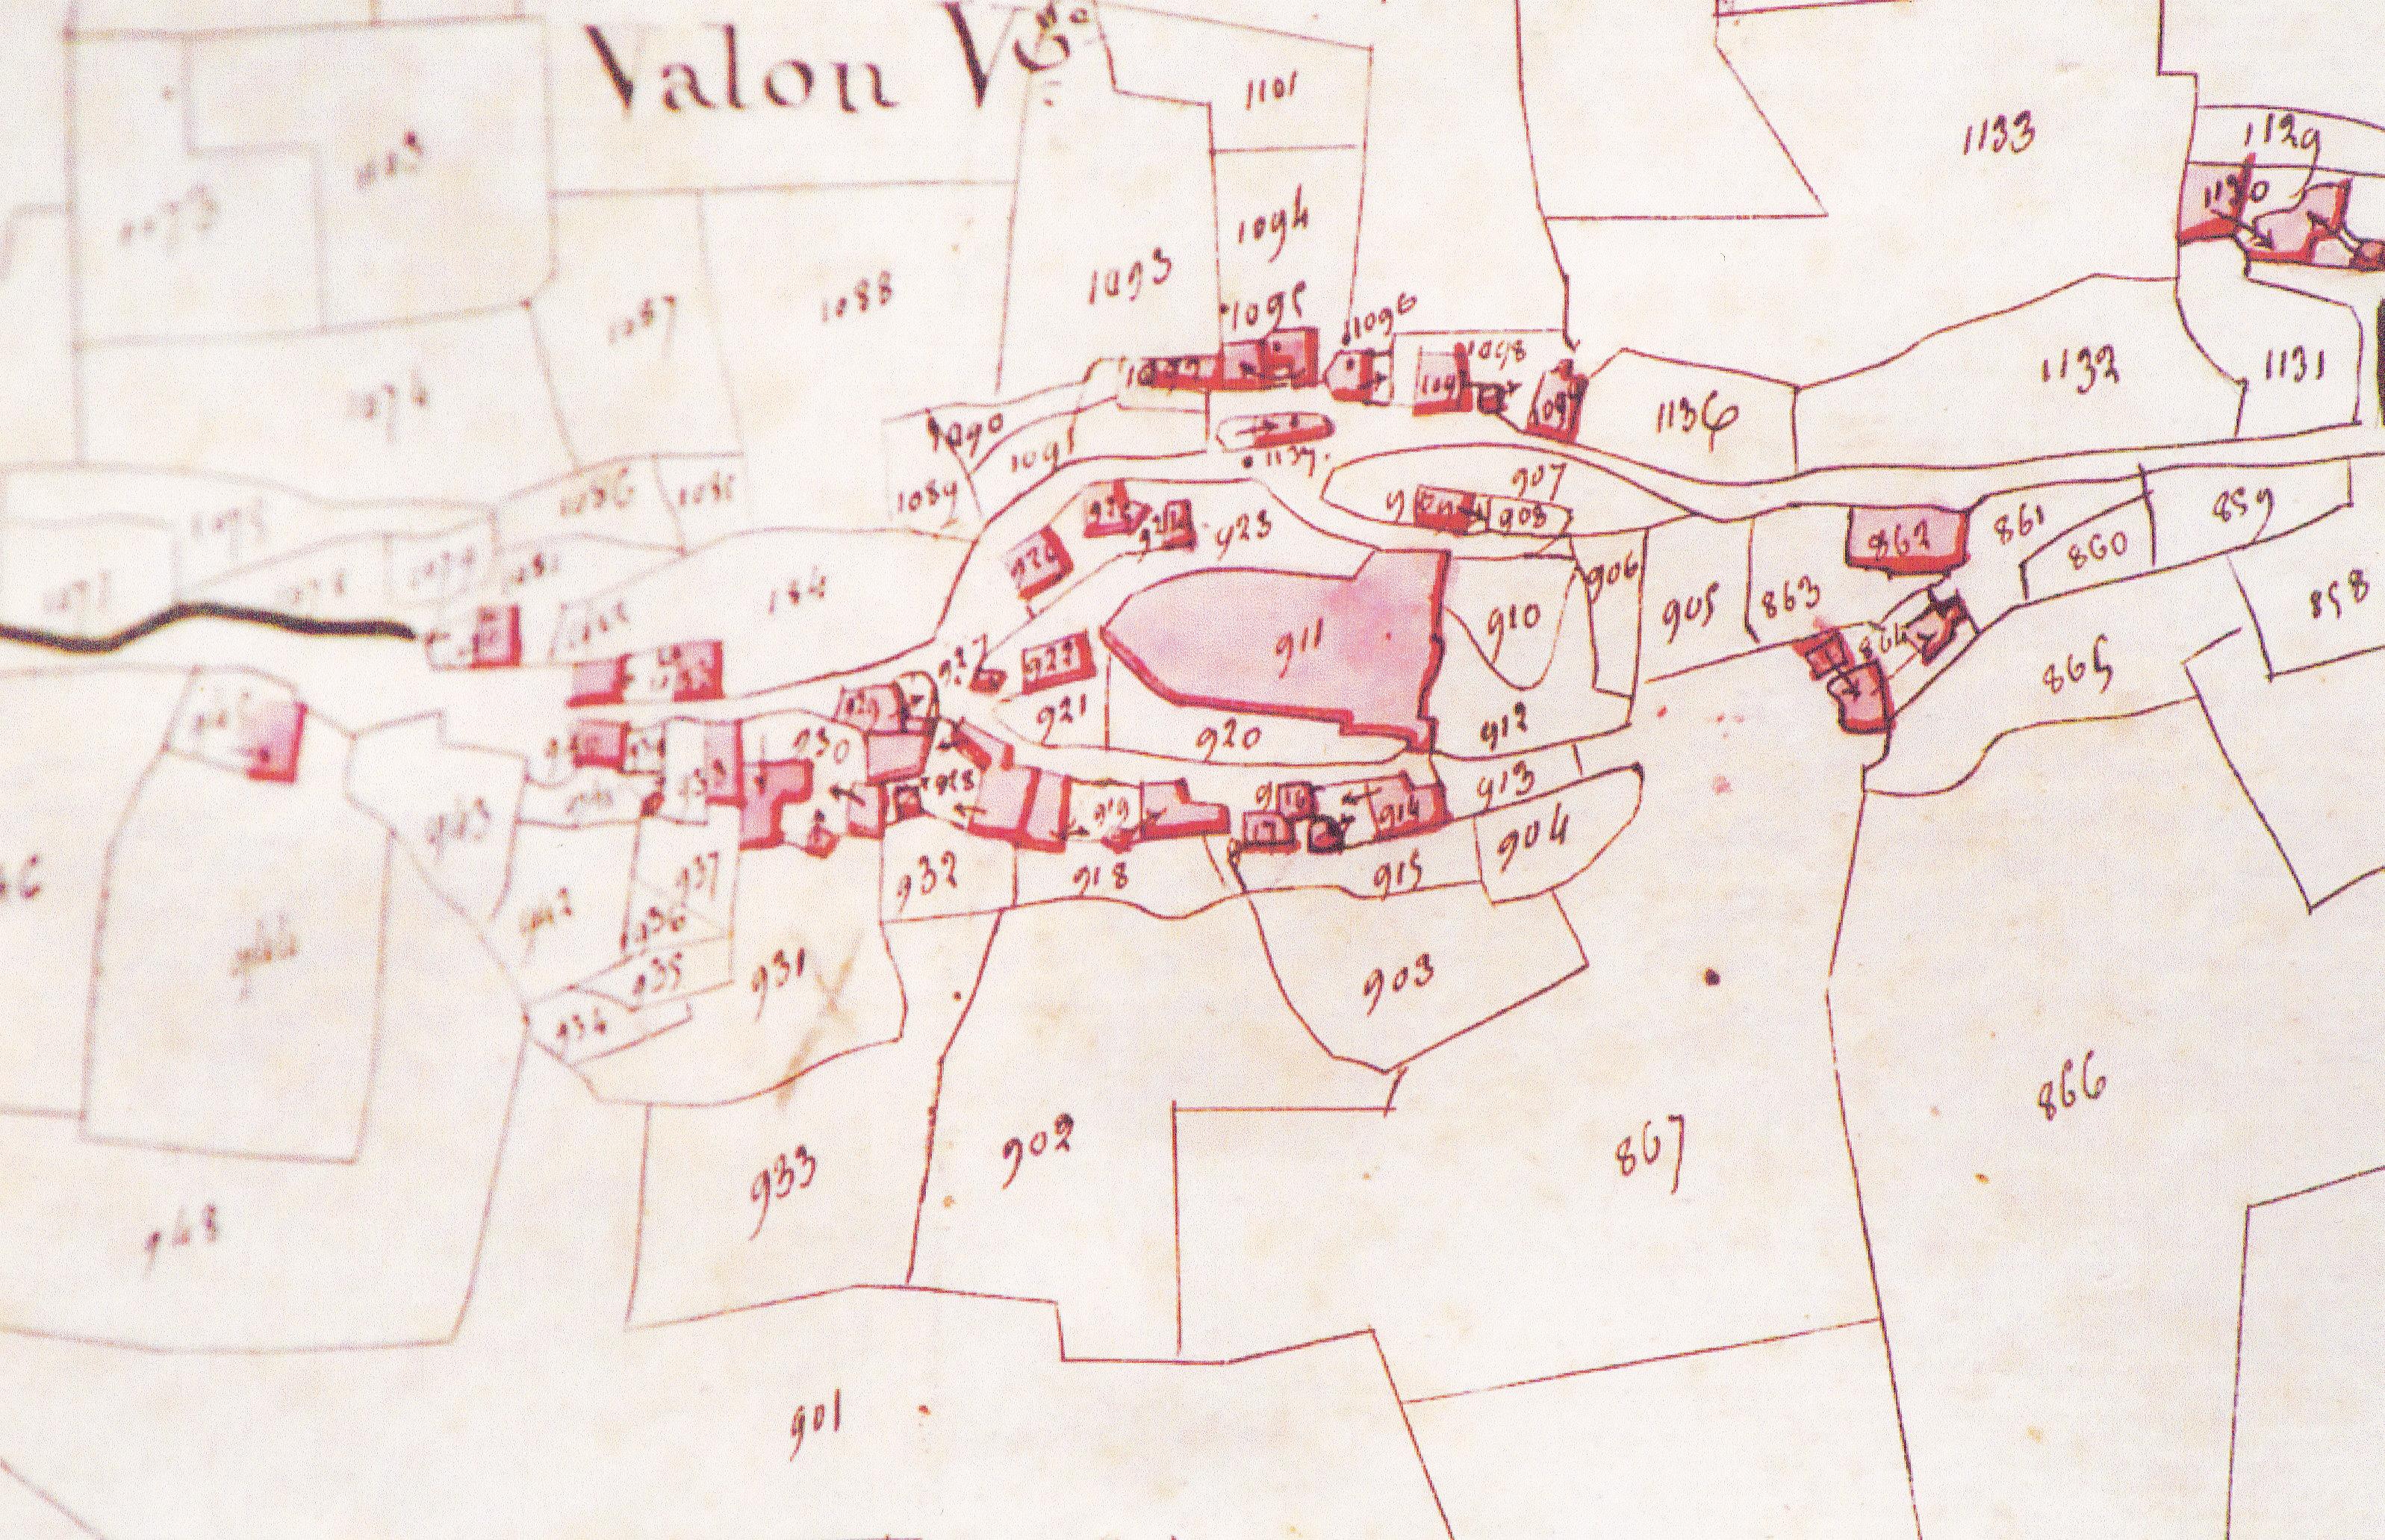 VALON CADASTRE 1830